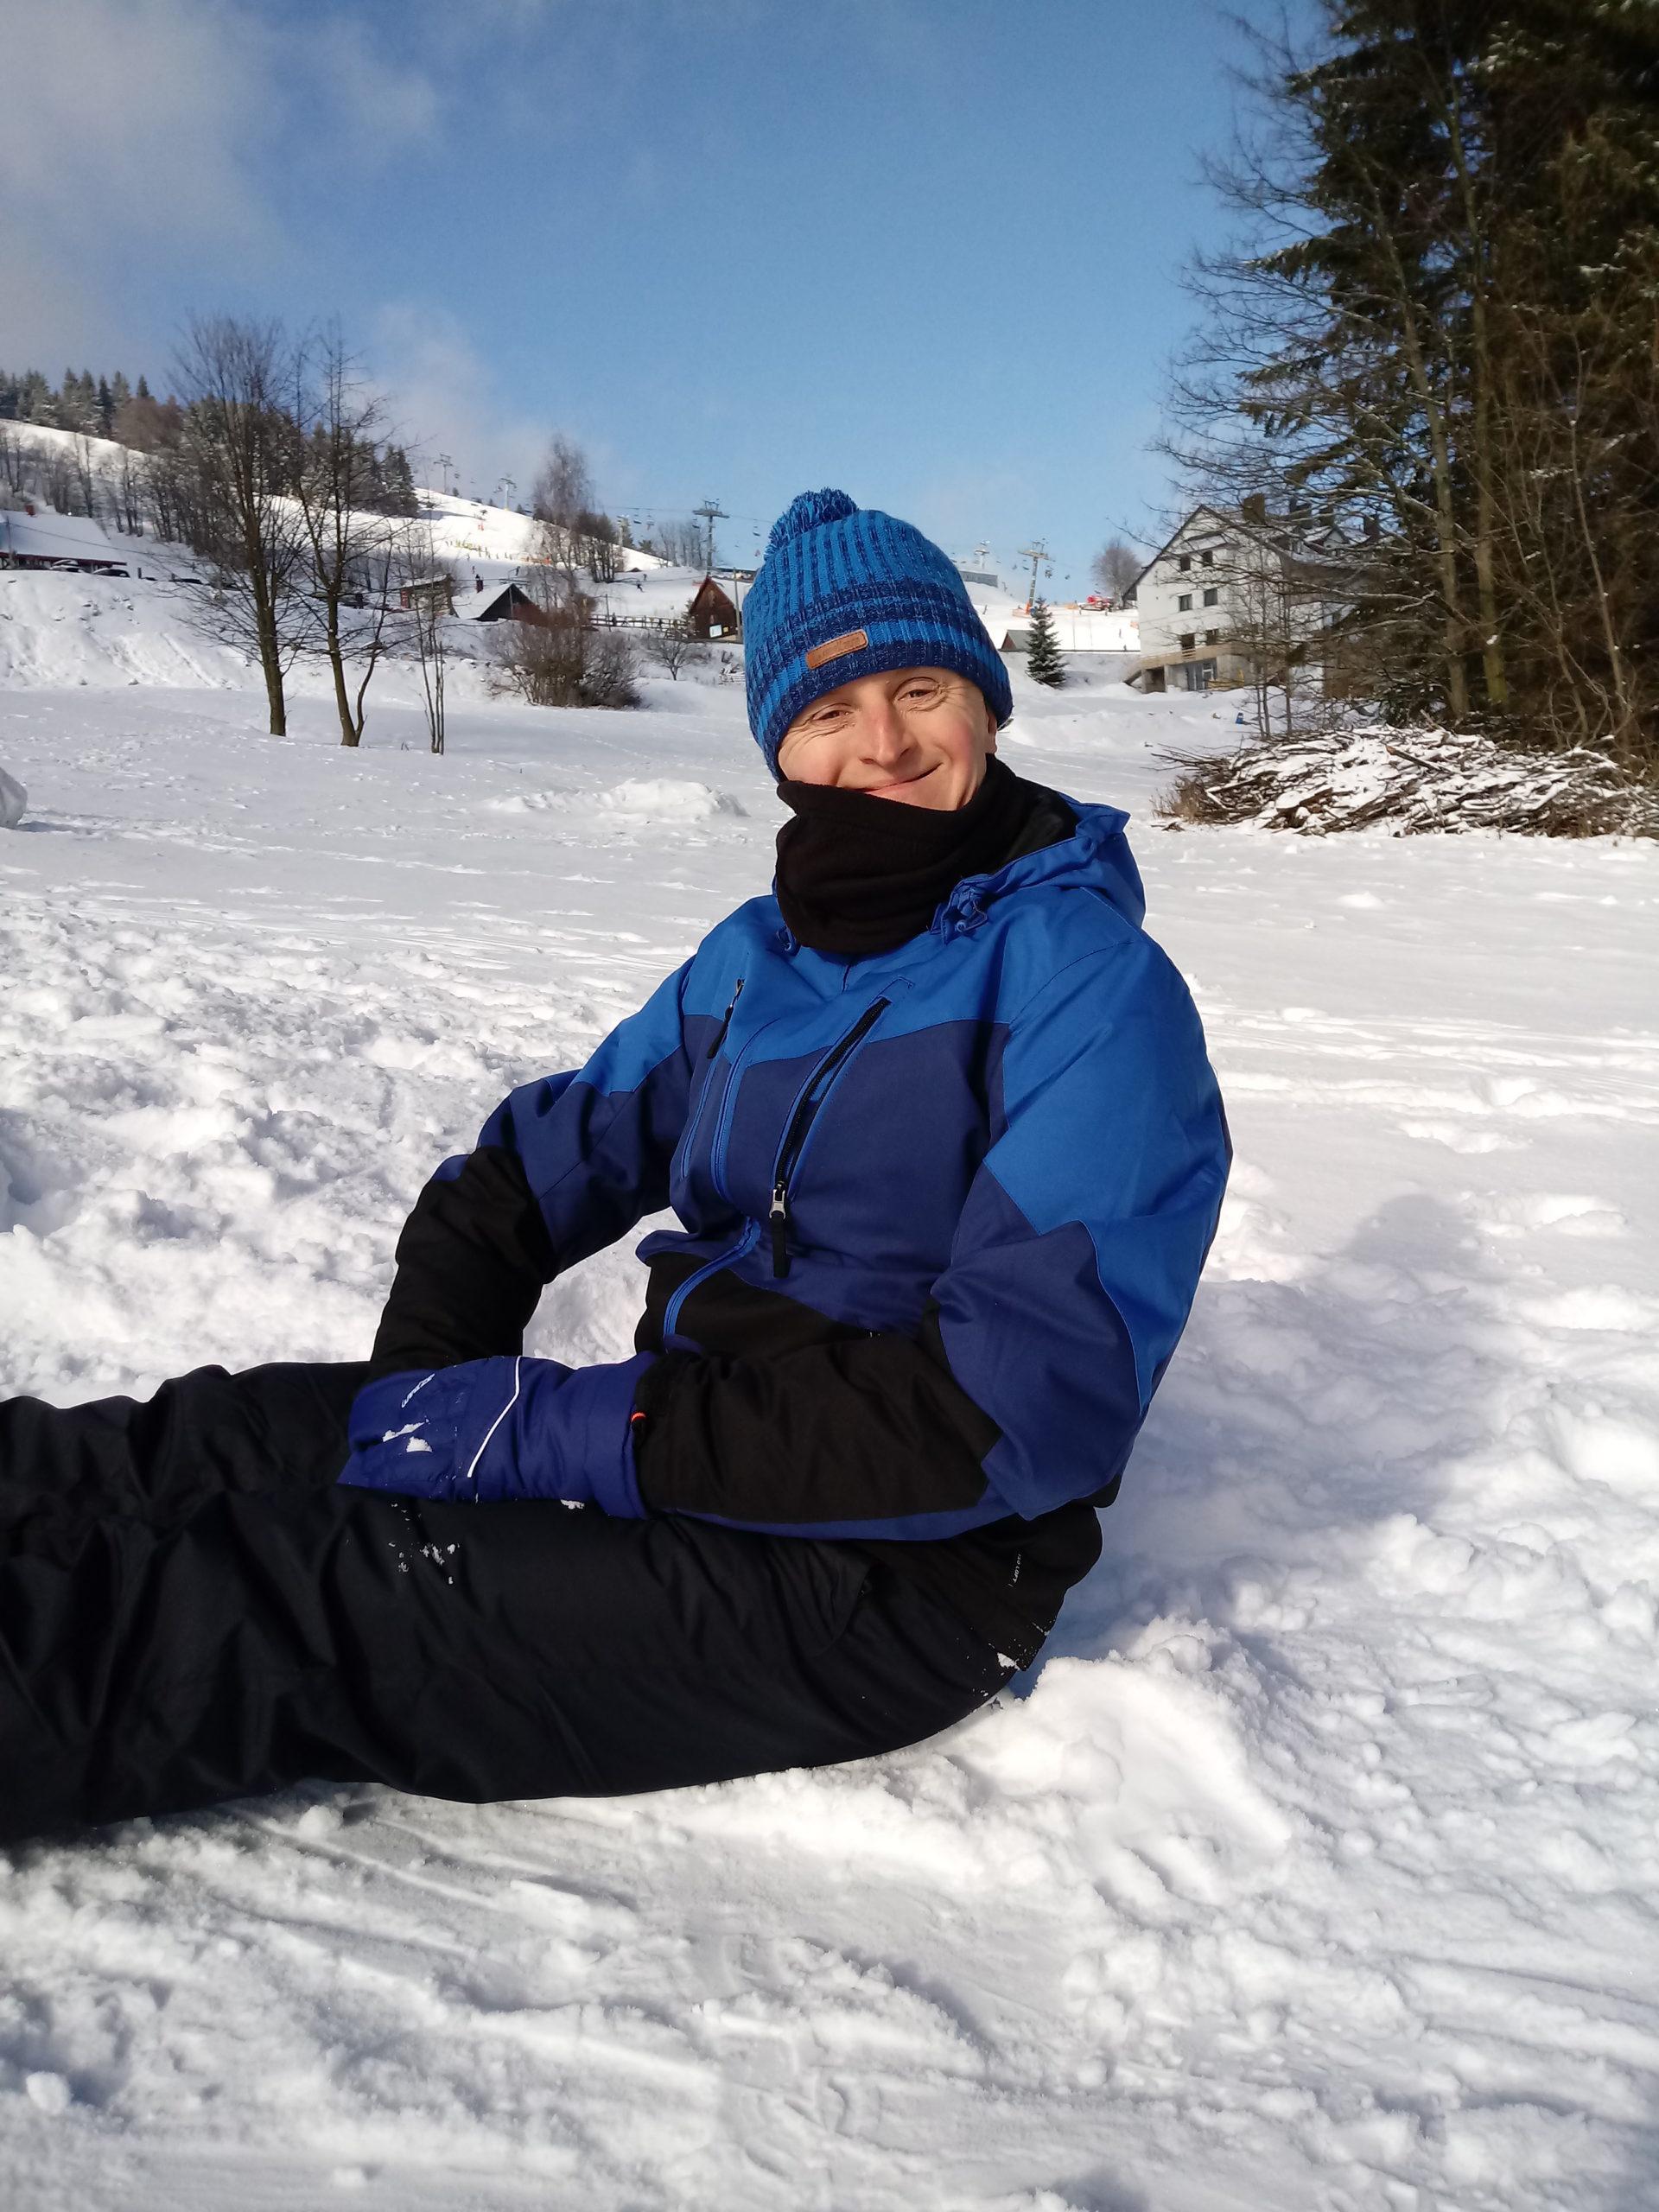 zimowe warsztaty Duszniki Zdrój 2020 (23)